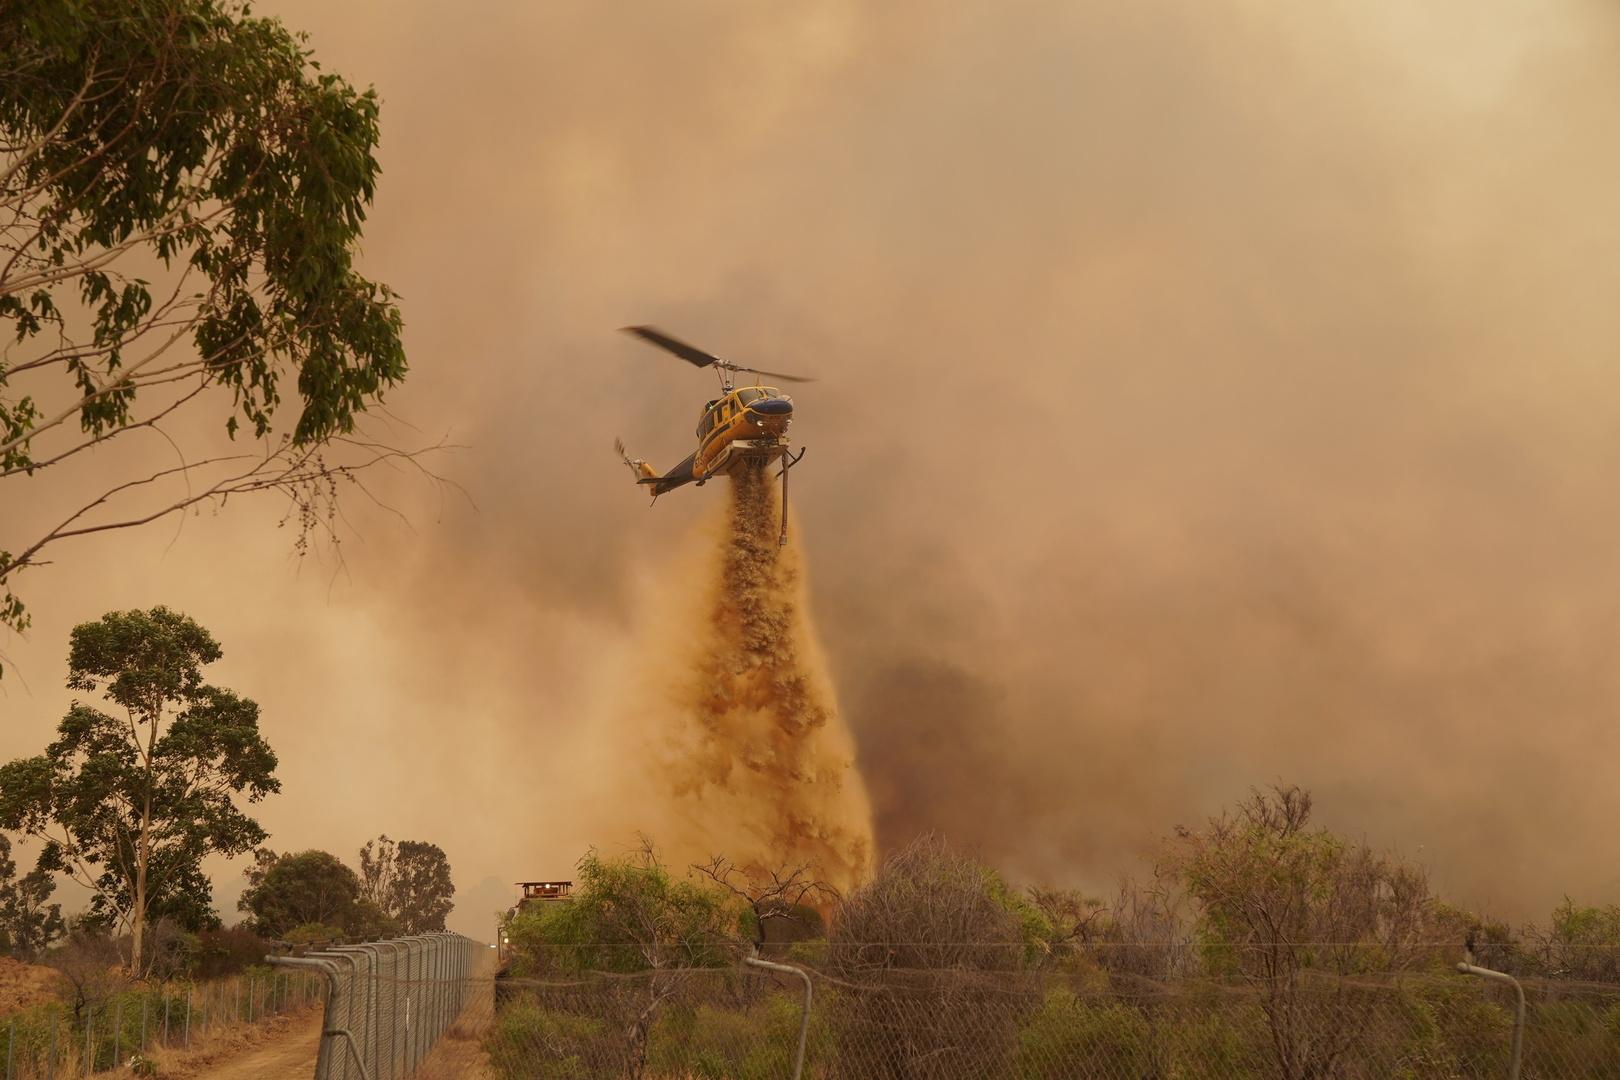 حرائق ضخمة مريبة في ولاية أسترالية (صور)